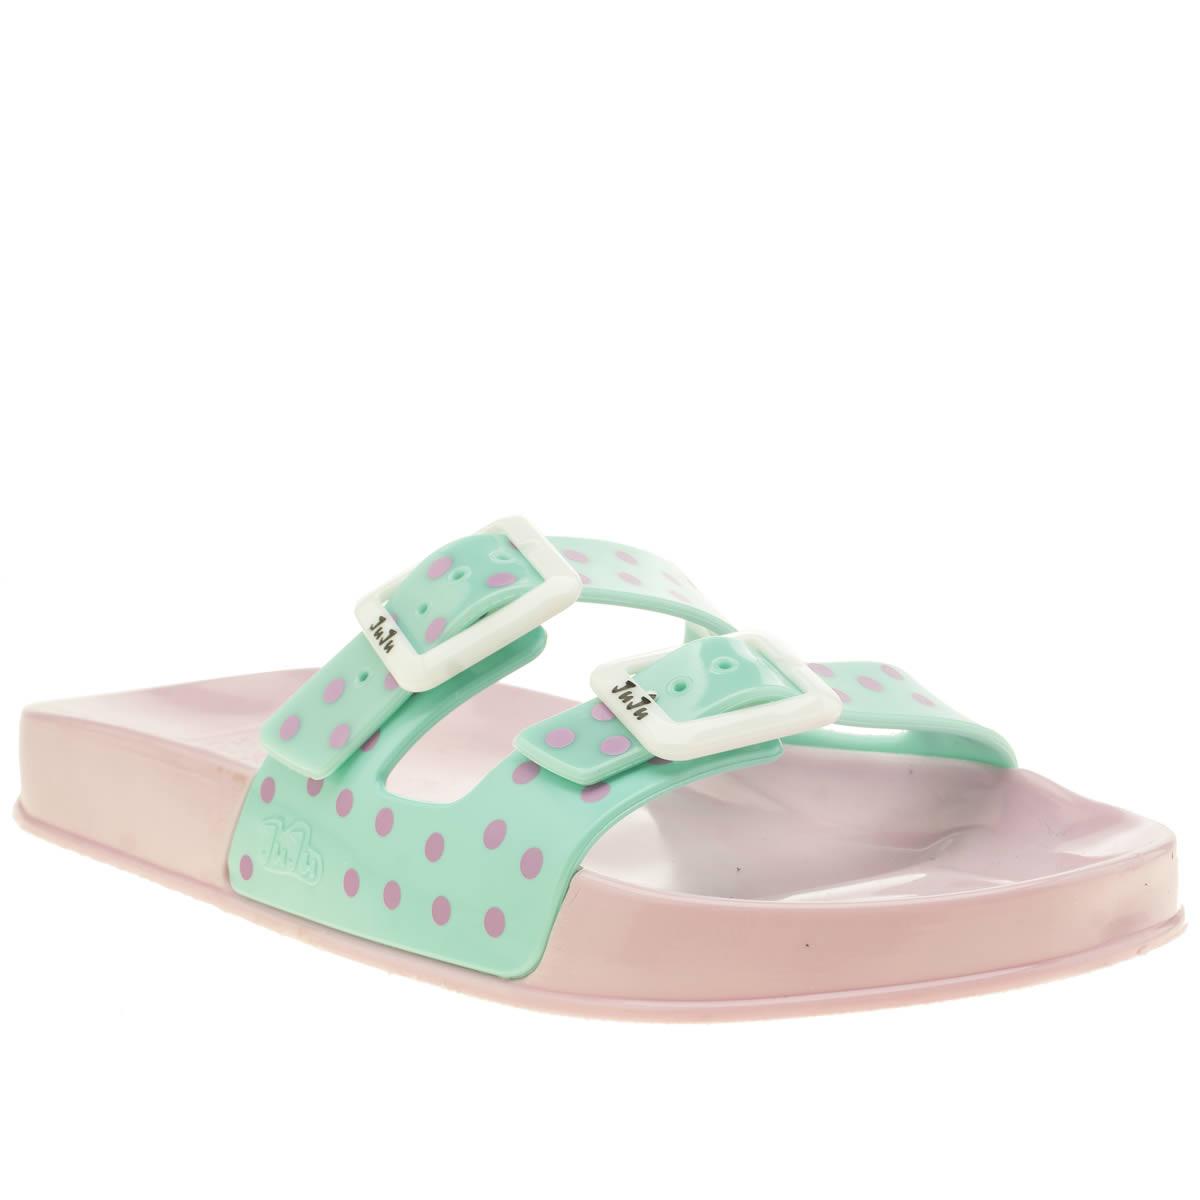 juju jellies Juju Jellies Light Green Erin Sandals